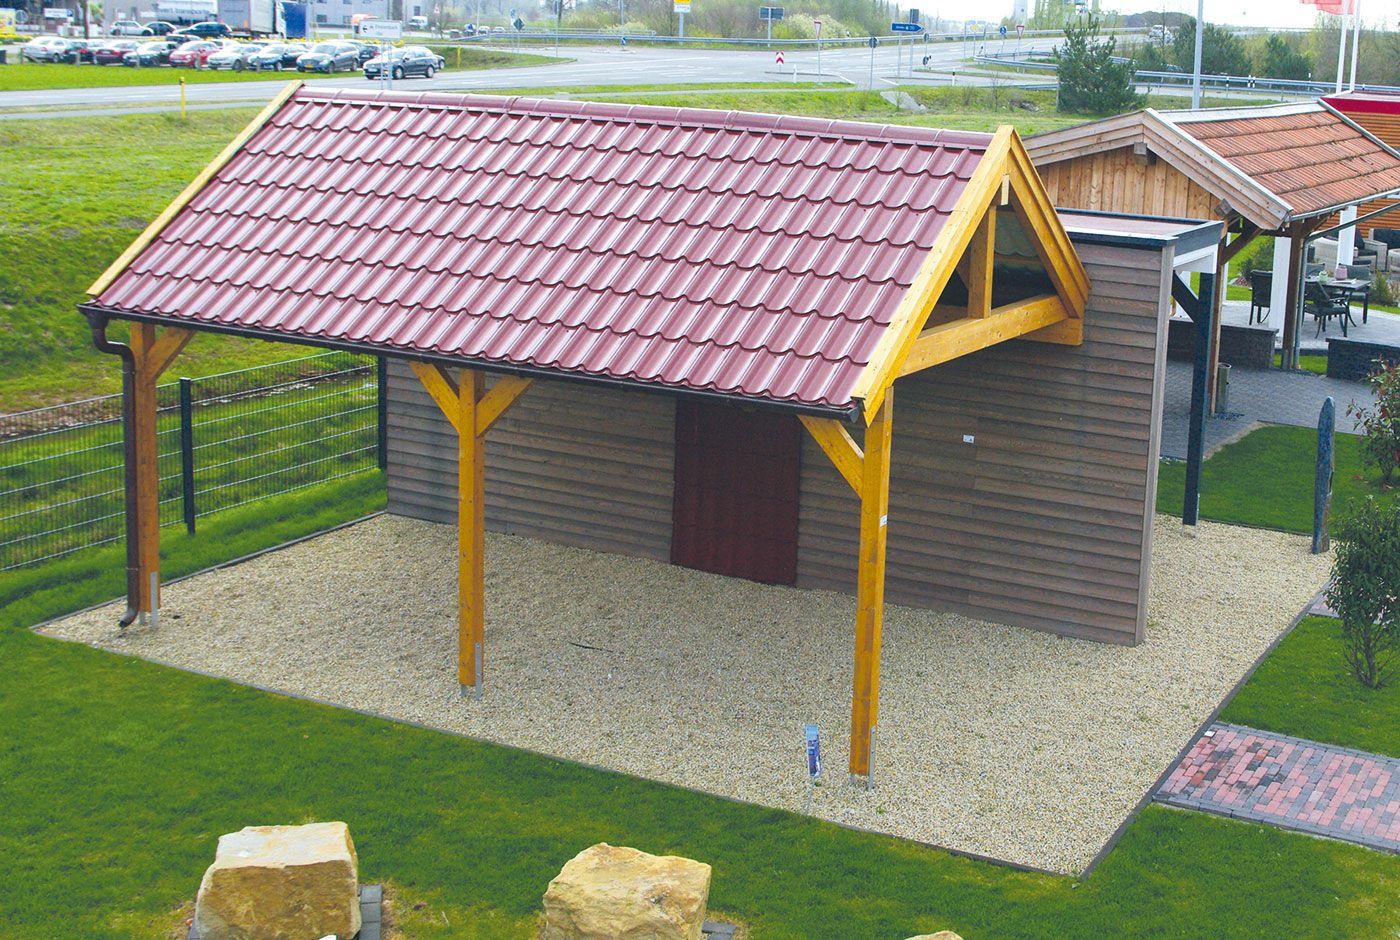 Sie Wollen Kein Carport Mit Flachdach Eine Alternative Bietet Das Satteldachcarport Aus Holz Es Kann Mit Dachschinde Dachschindeln Carport Verkleiden Carport